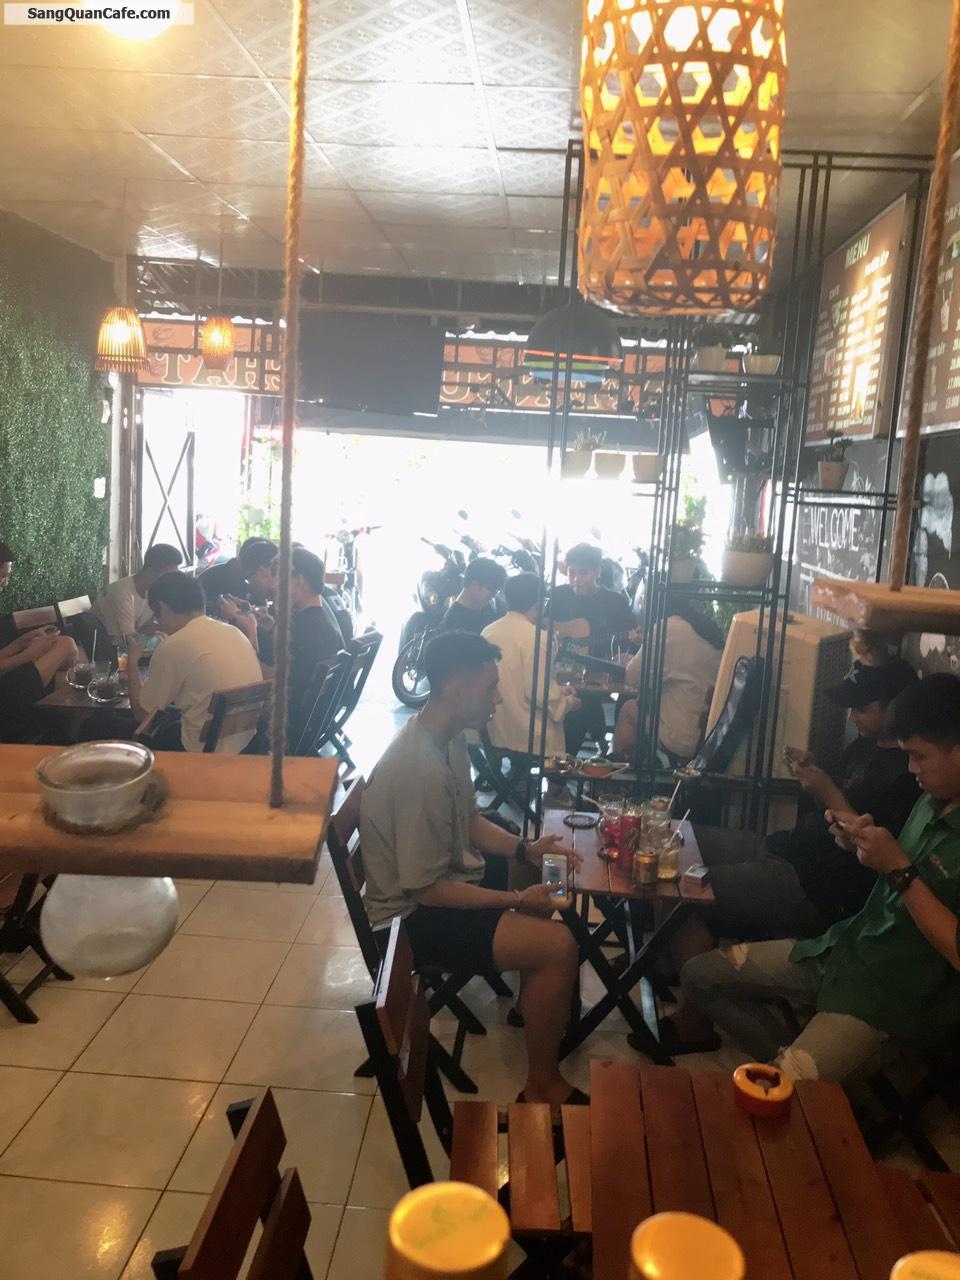 Sang Cafe mặt bằng đẹp đông khách doanh thu